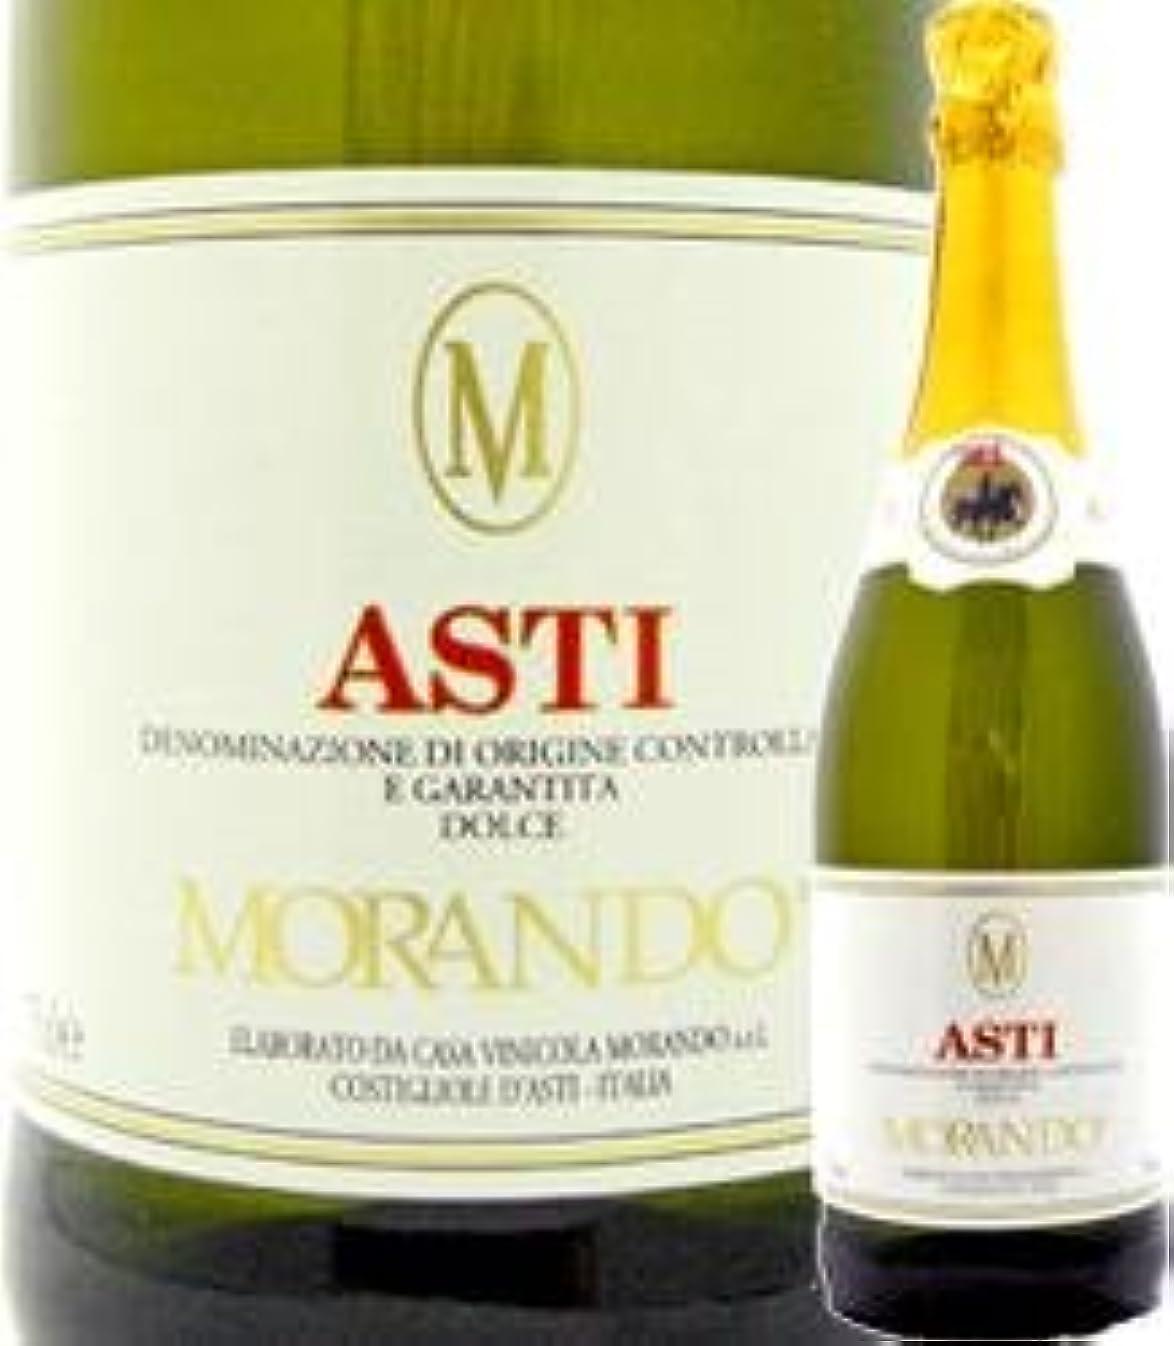 静的政令湿地モランド?アスティ?スプマンテ 完全圧勝の第一位獲得 イタリア 白スパークリングワイン 750ml 甘口